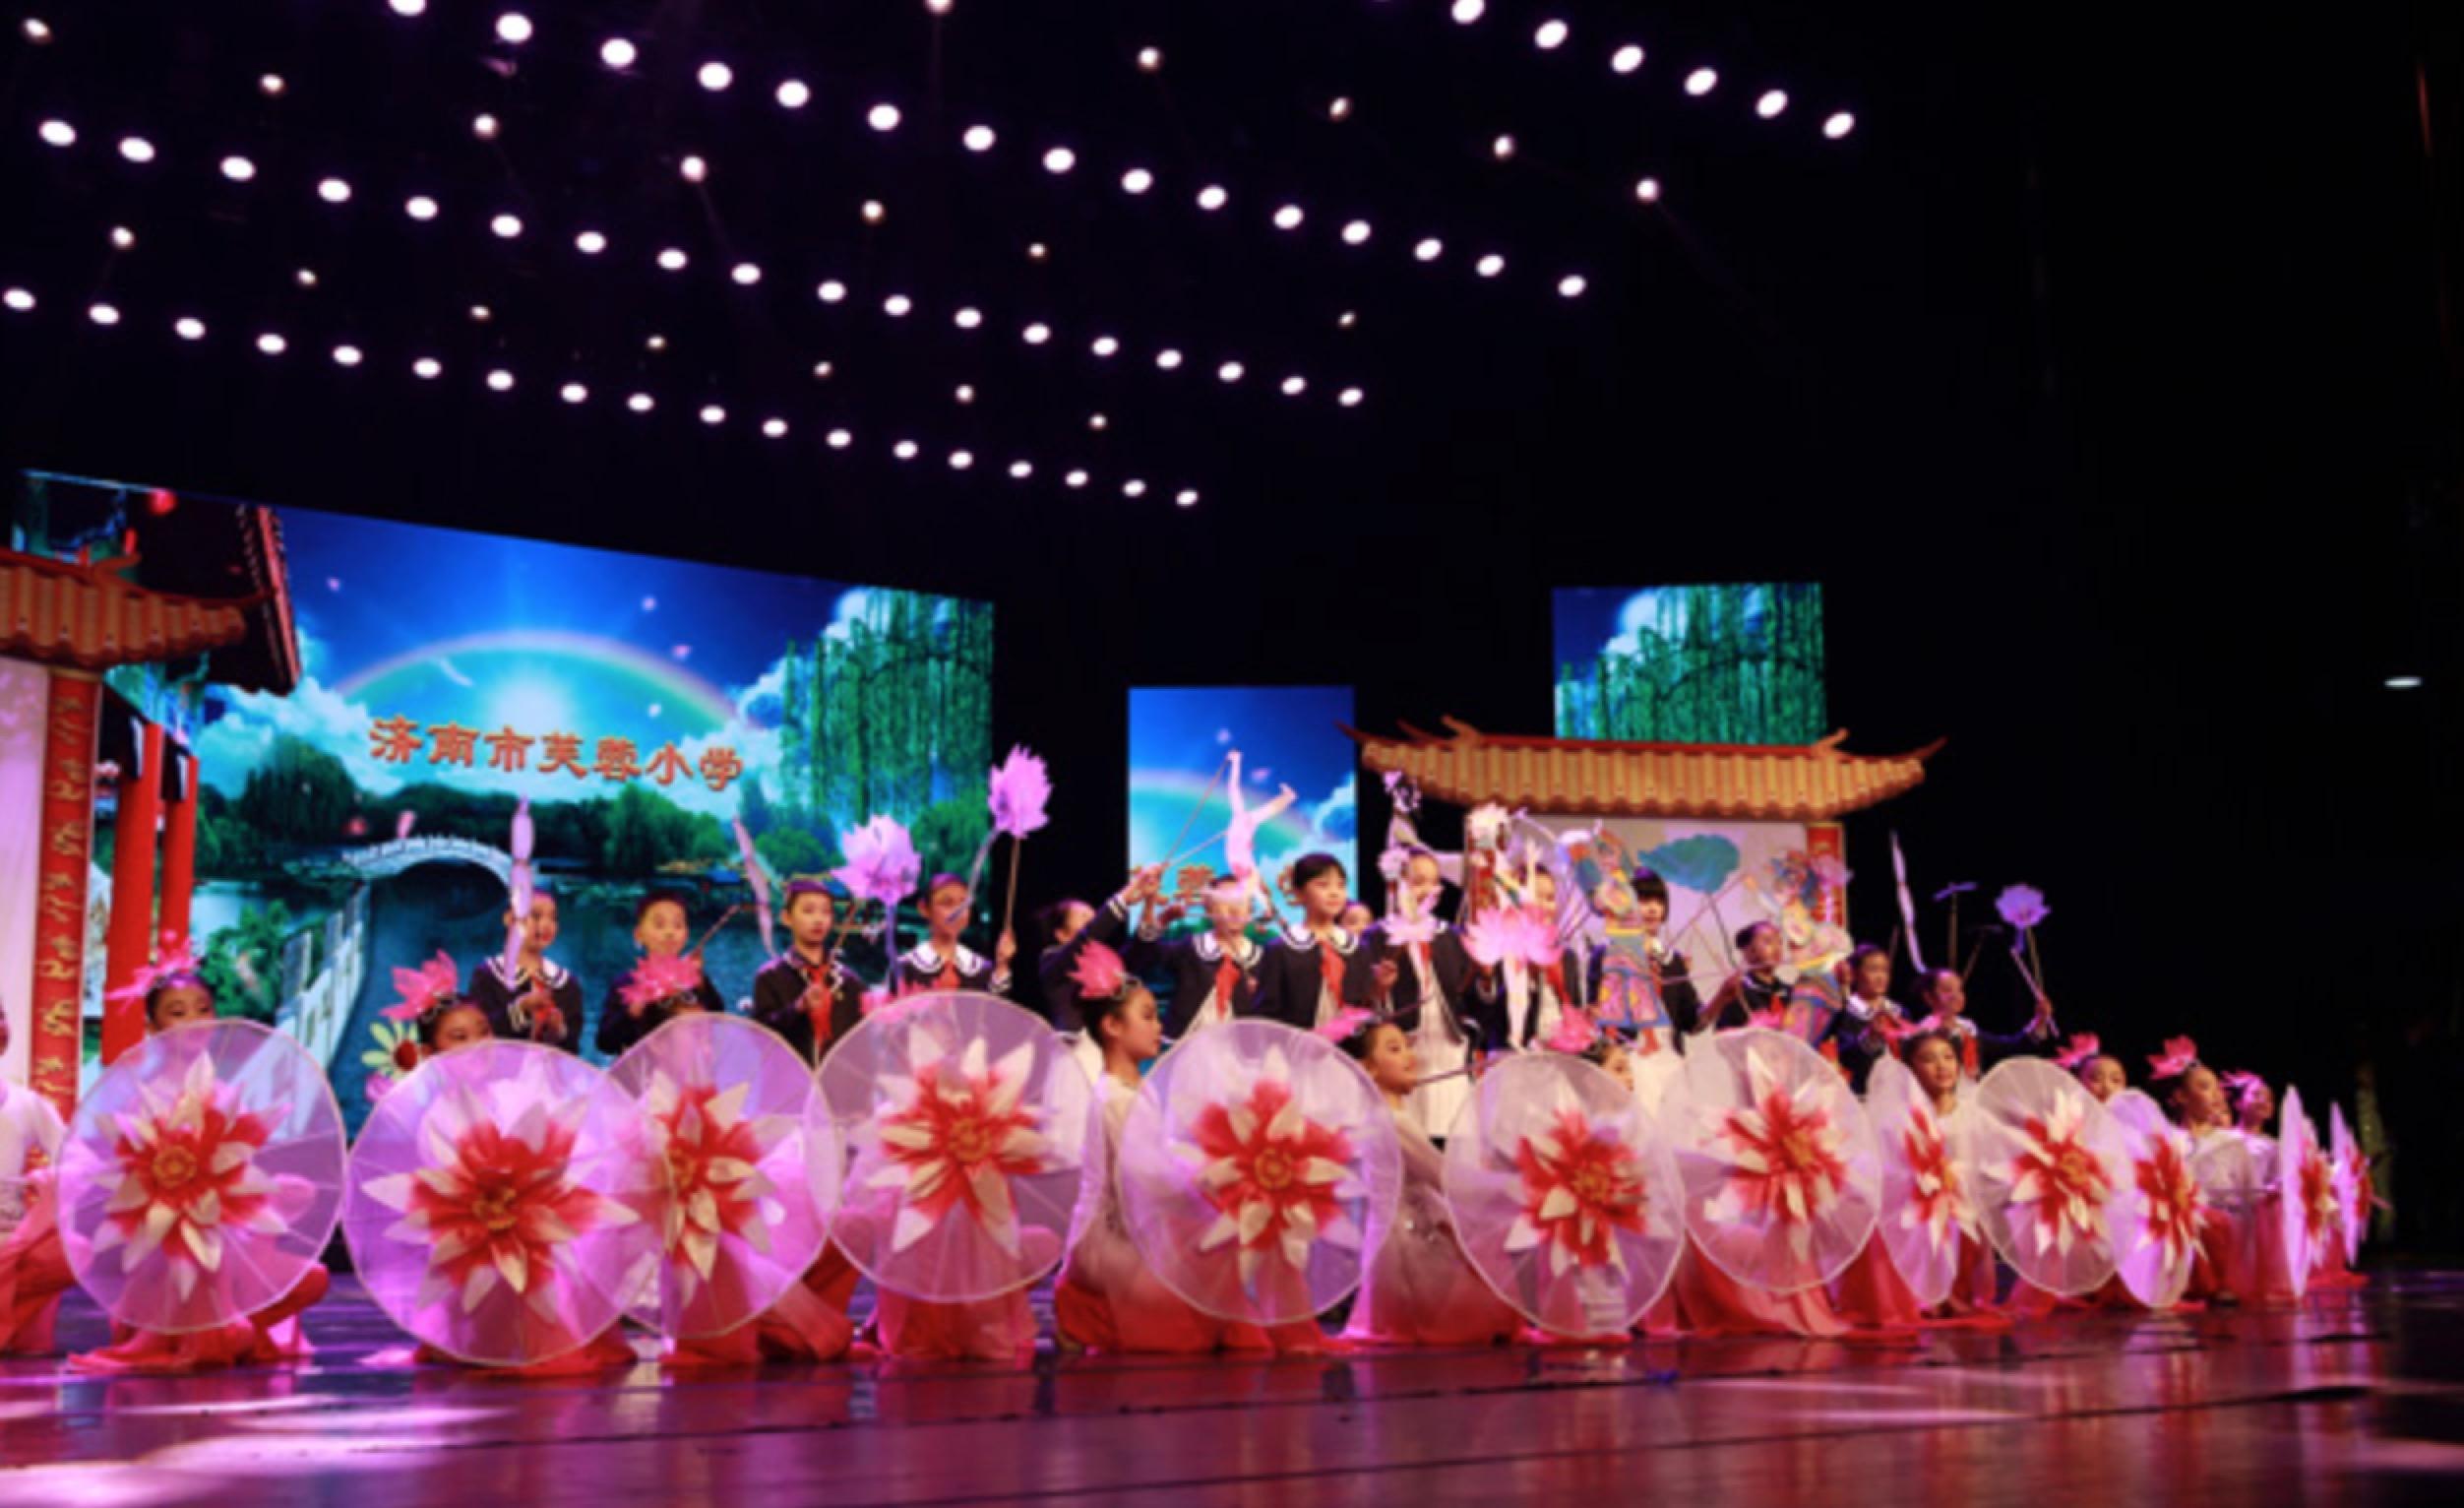 华人春天艺术节将拉开帷幕